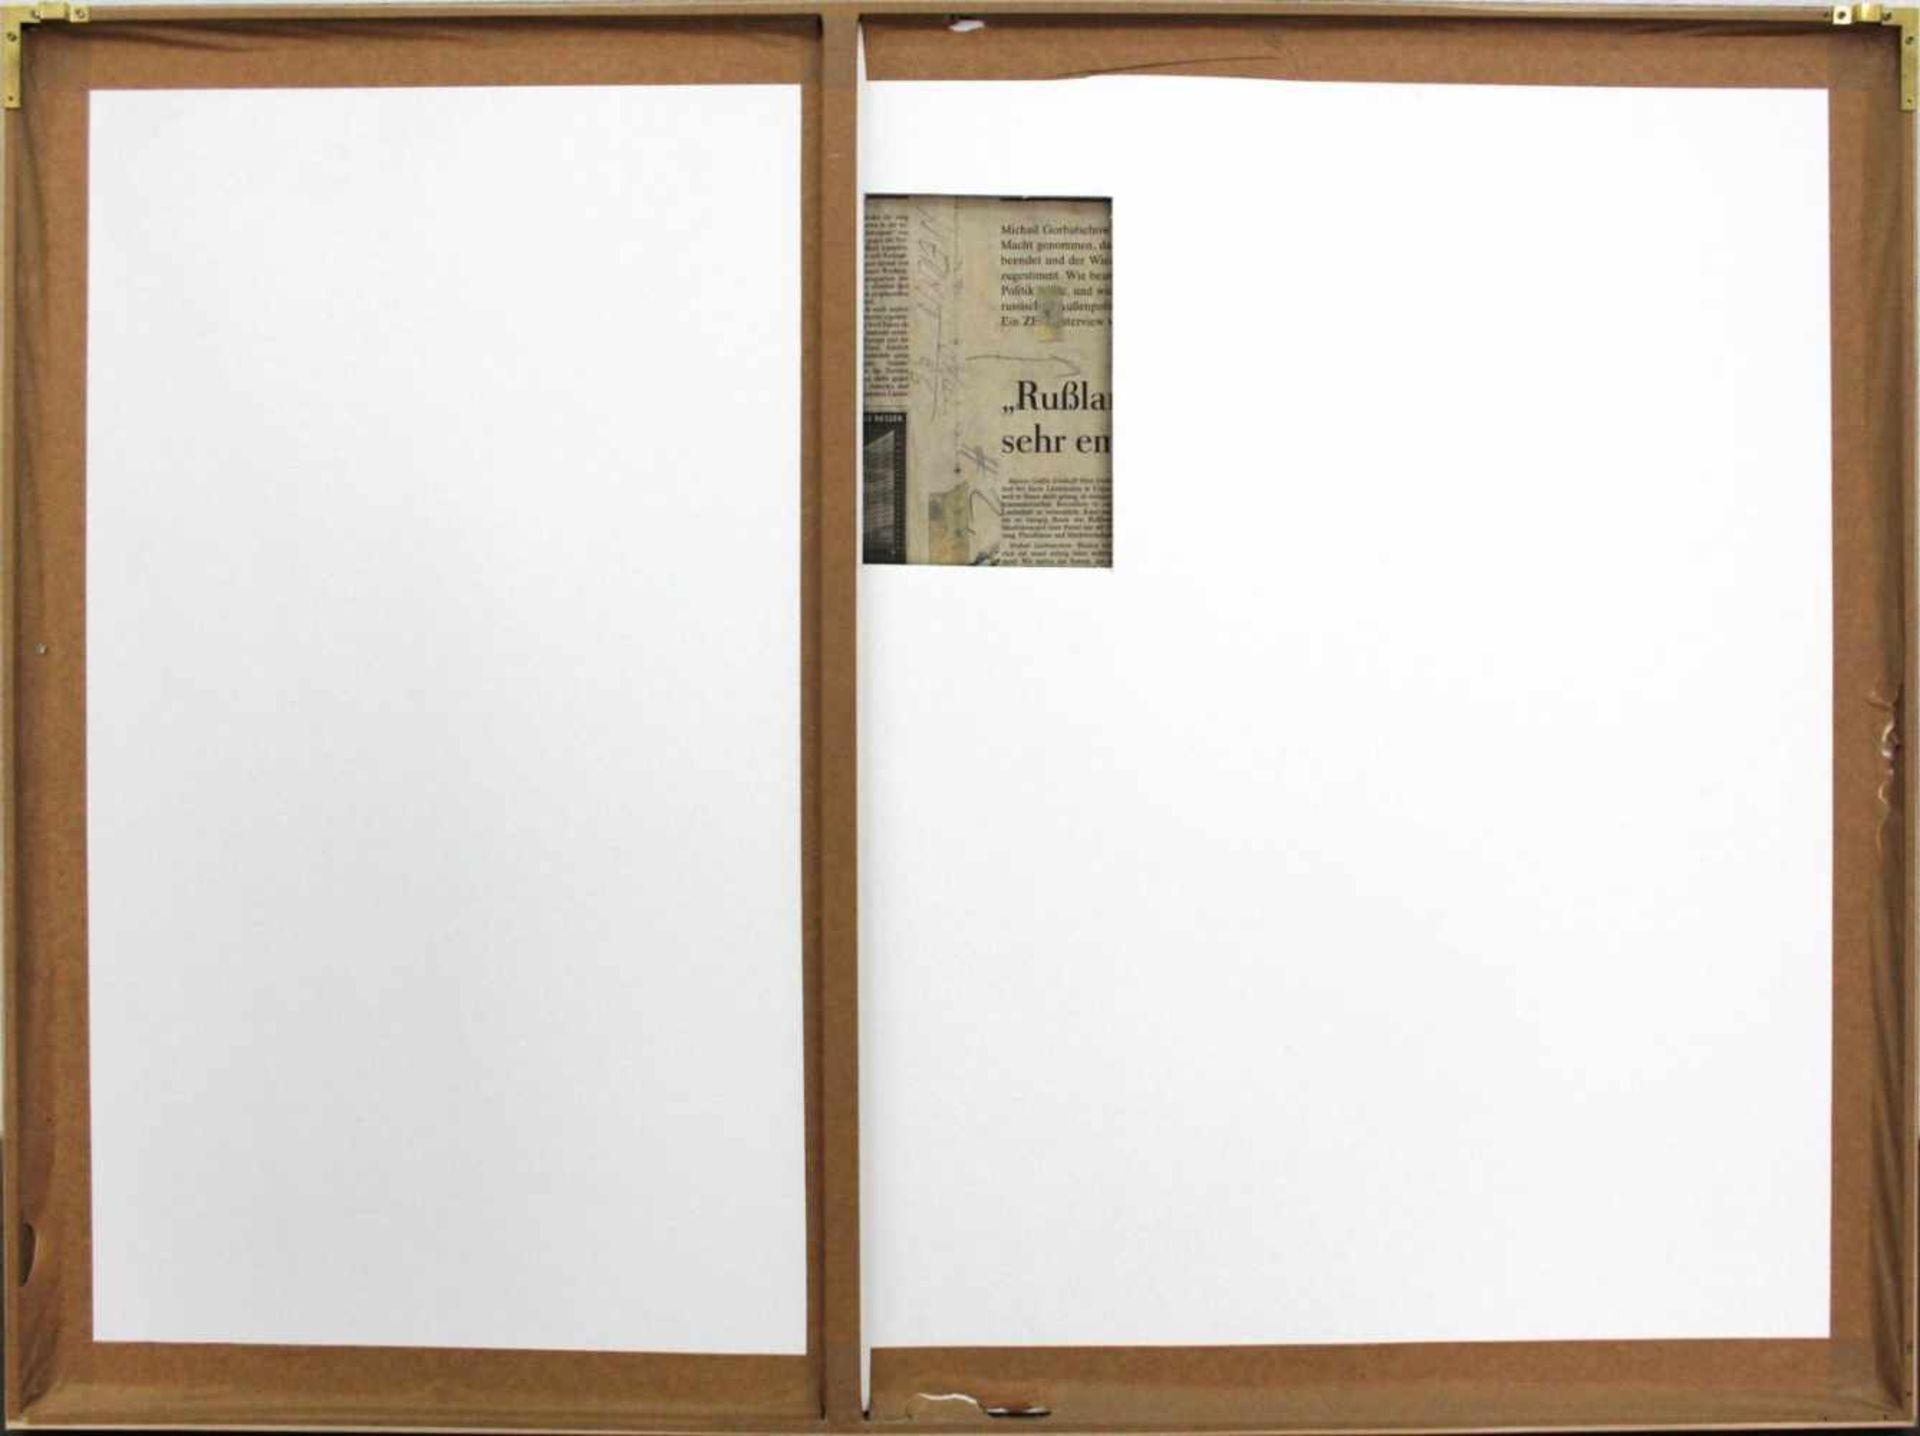 Wolfgang Ernst geb. 1942 o.T. (#2) 1996 Graphit auf Zeitungspapier handsigniert und datiert verso 55 - Bild 3 aus 4